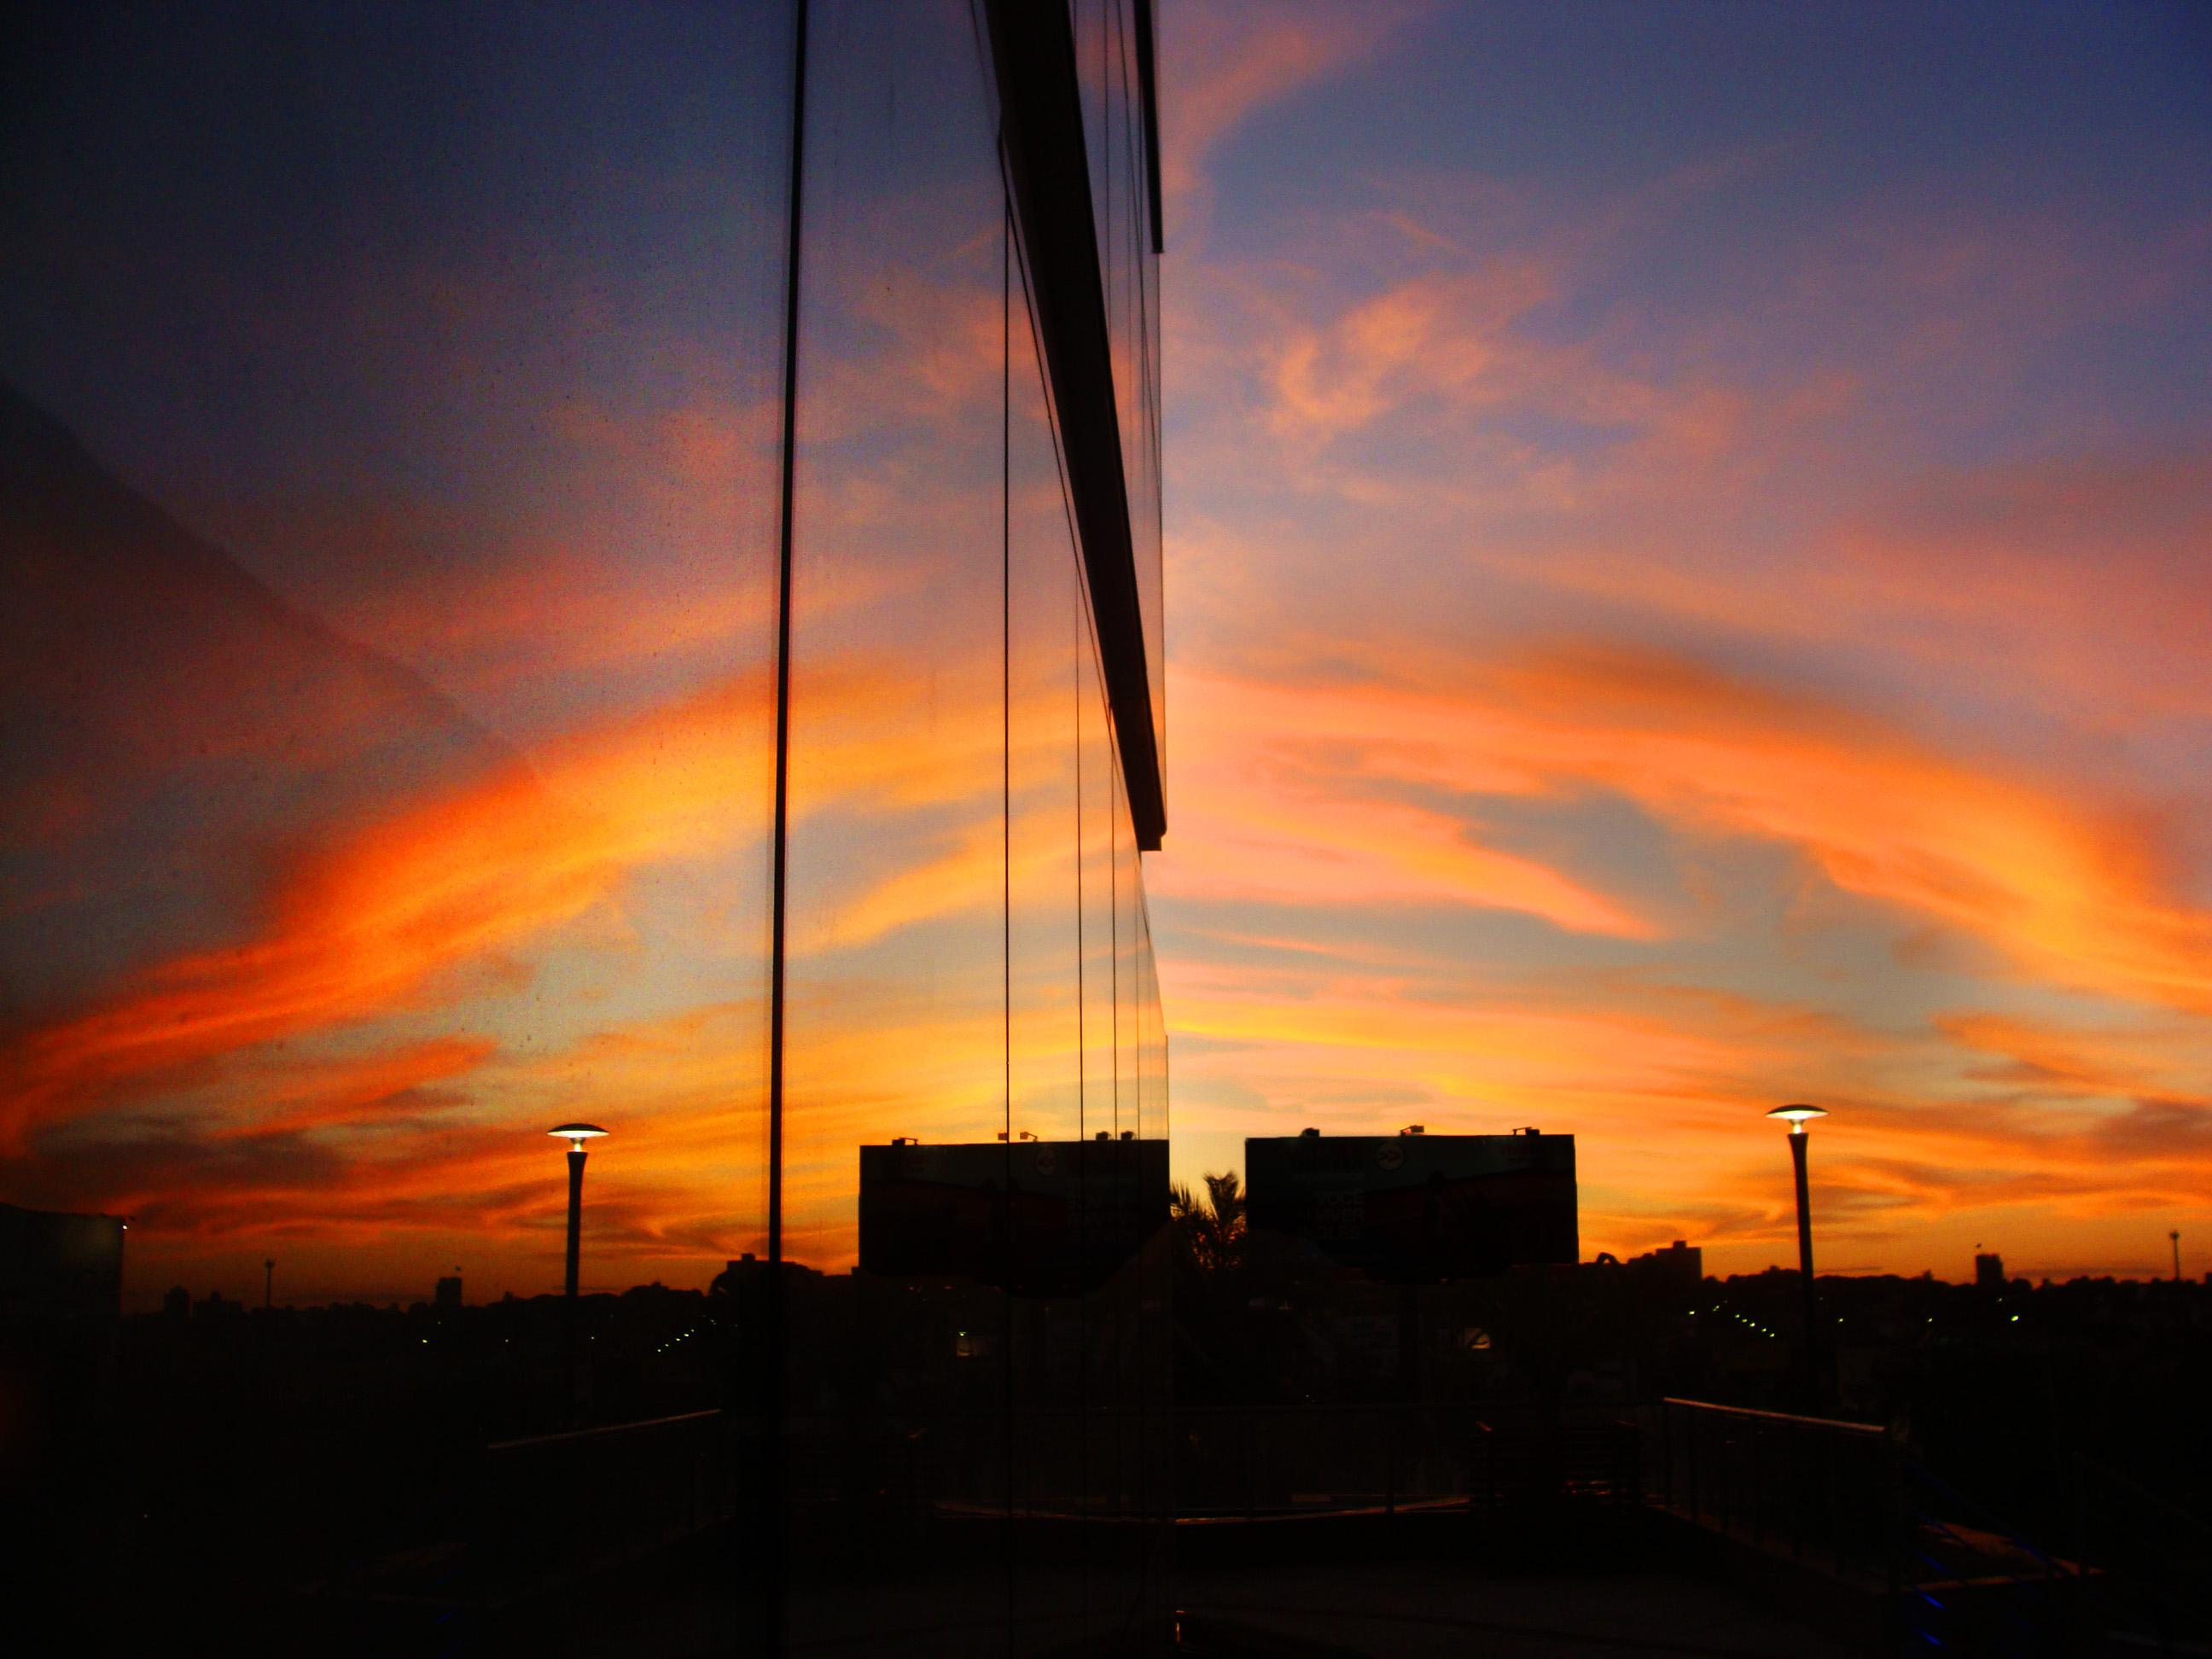 デスクトップ壁紙 日光 コントラスト カラフル 黒 ダーク 日没 建物 反射 シルエット 雲 日の出 スカイライン 青 コーヒー イブニング ガラス 鏡 マジック 太陽 オレンジ 地平線 雰囲気 夕暮れ ブラジル 午後 ノスタルジックな 電気 国土